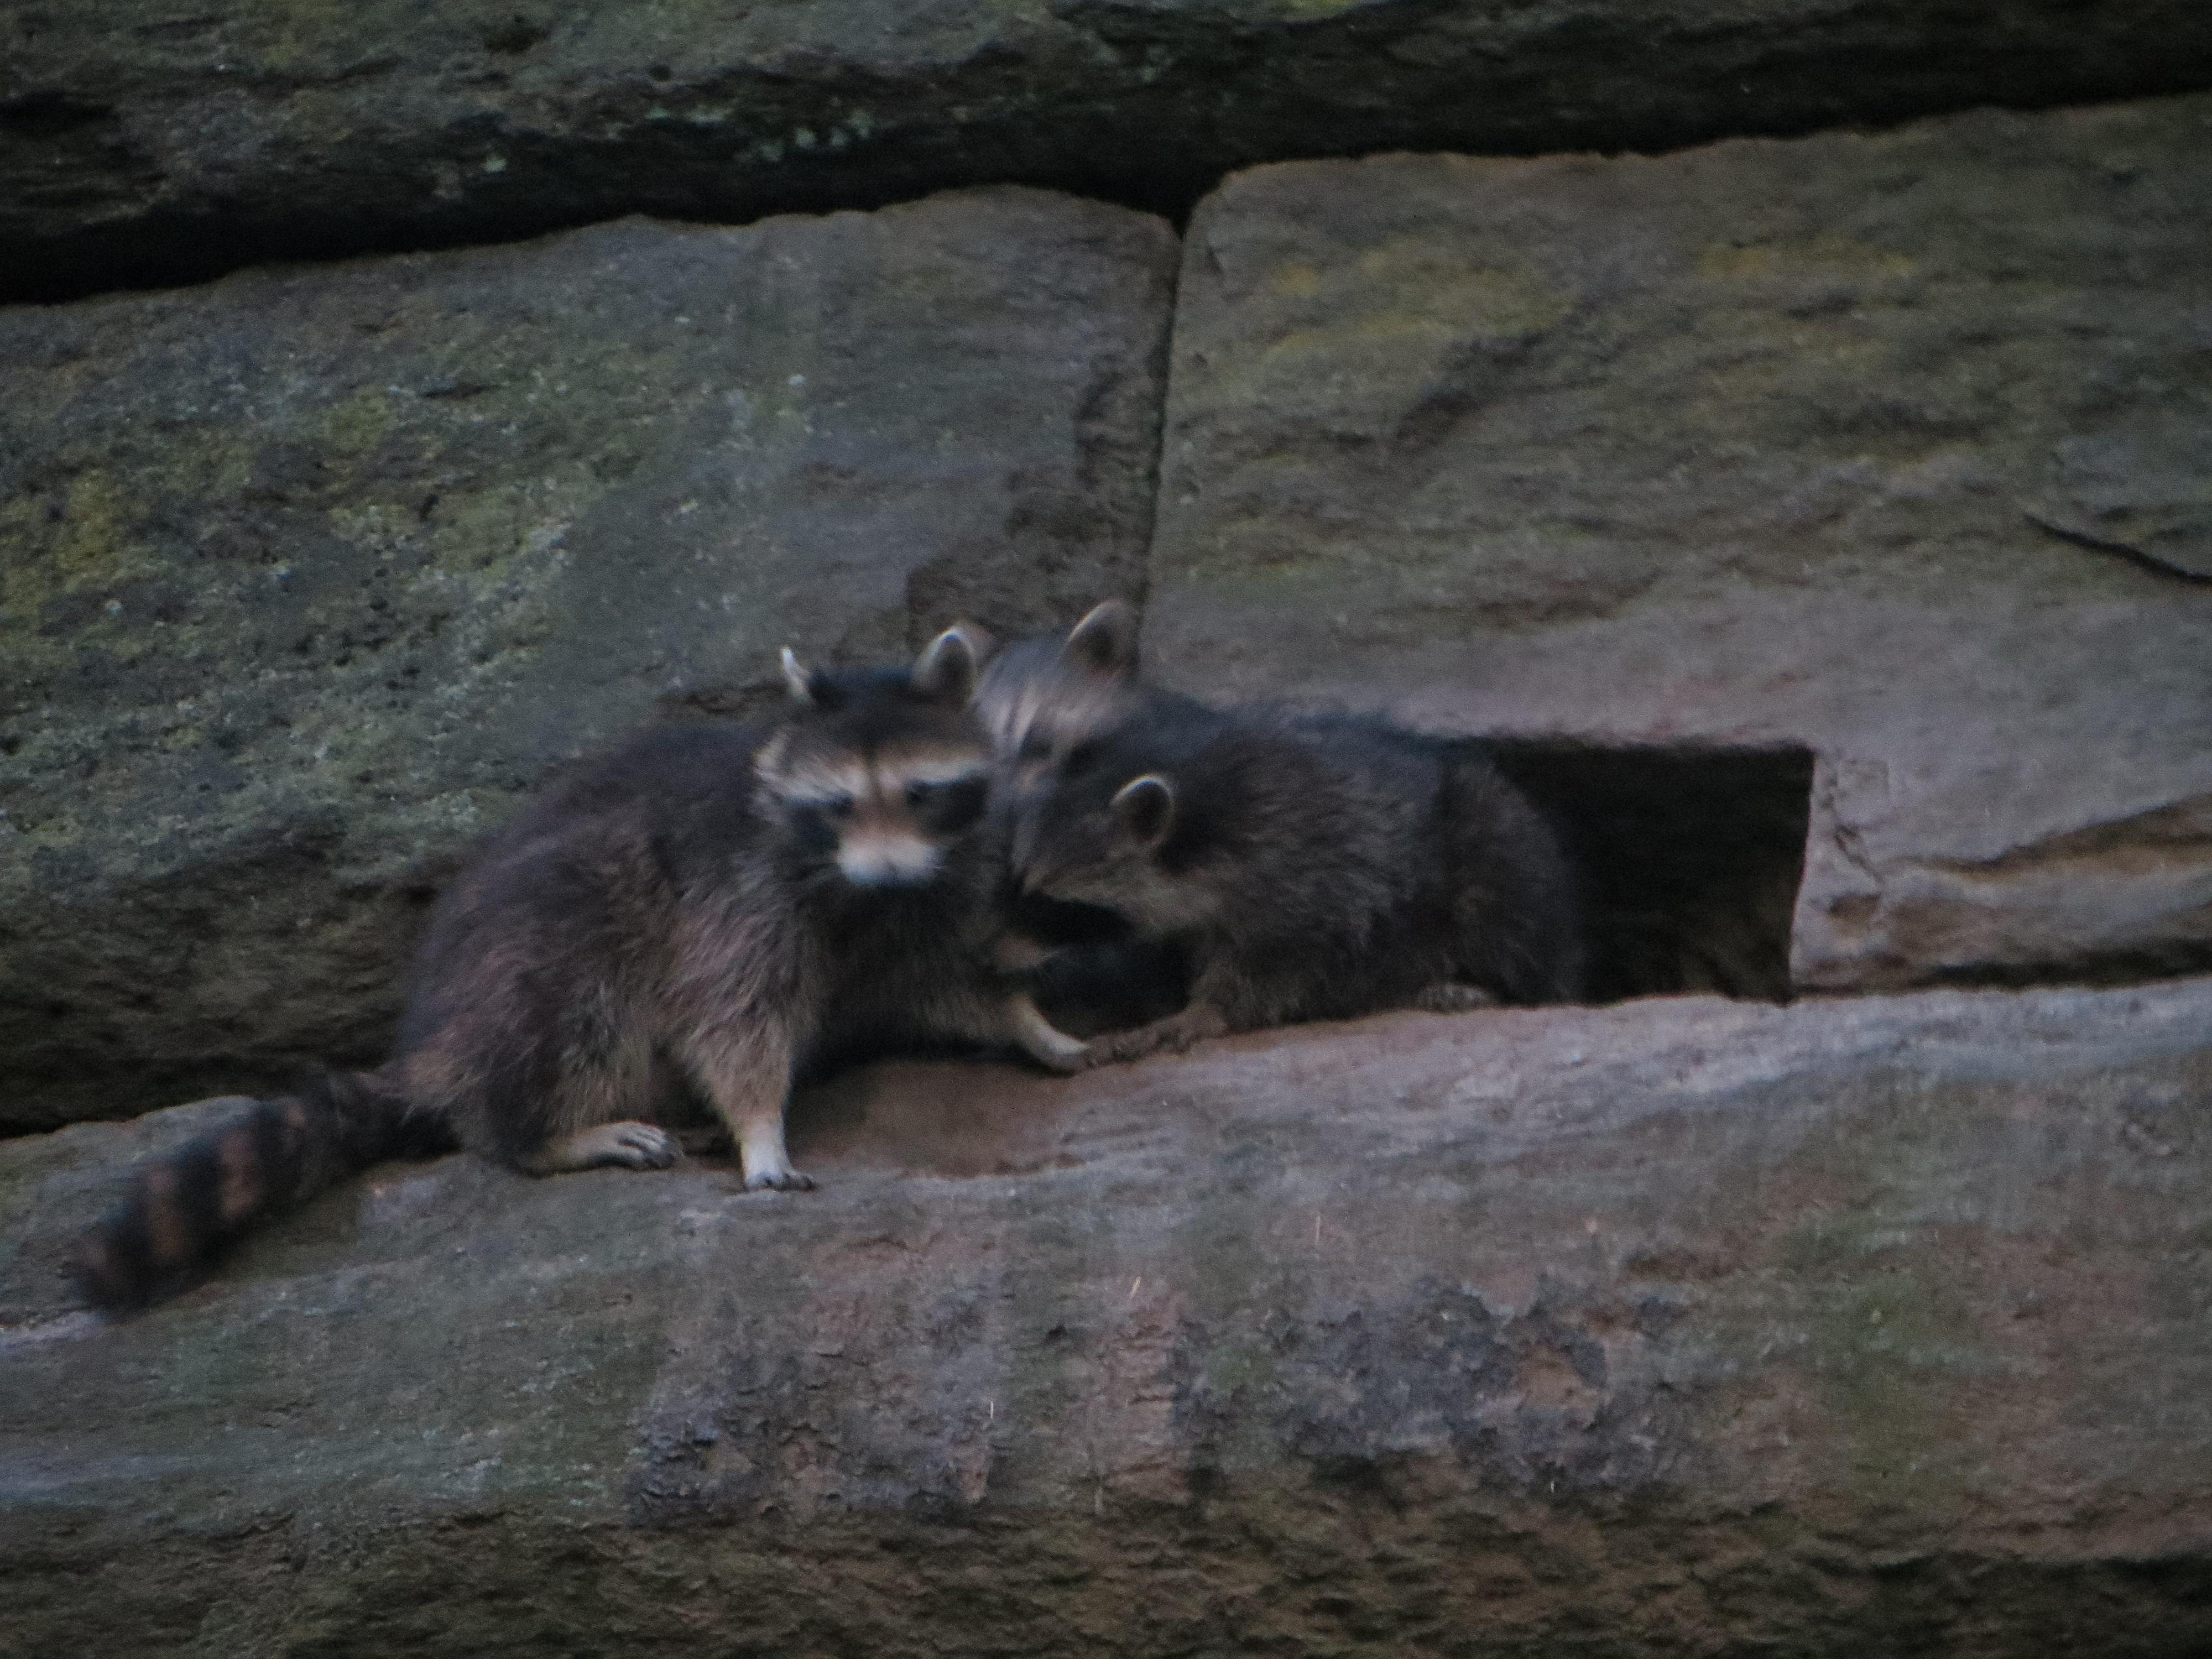 raccoon bonanza in riverside park w video out walking the dog